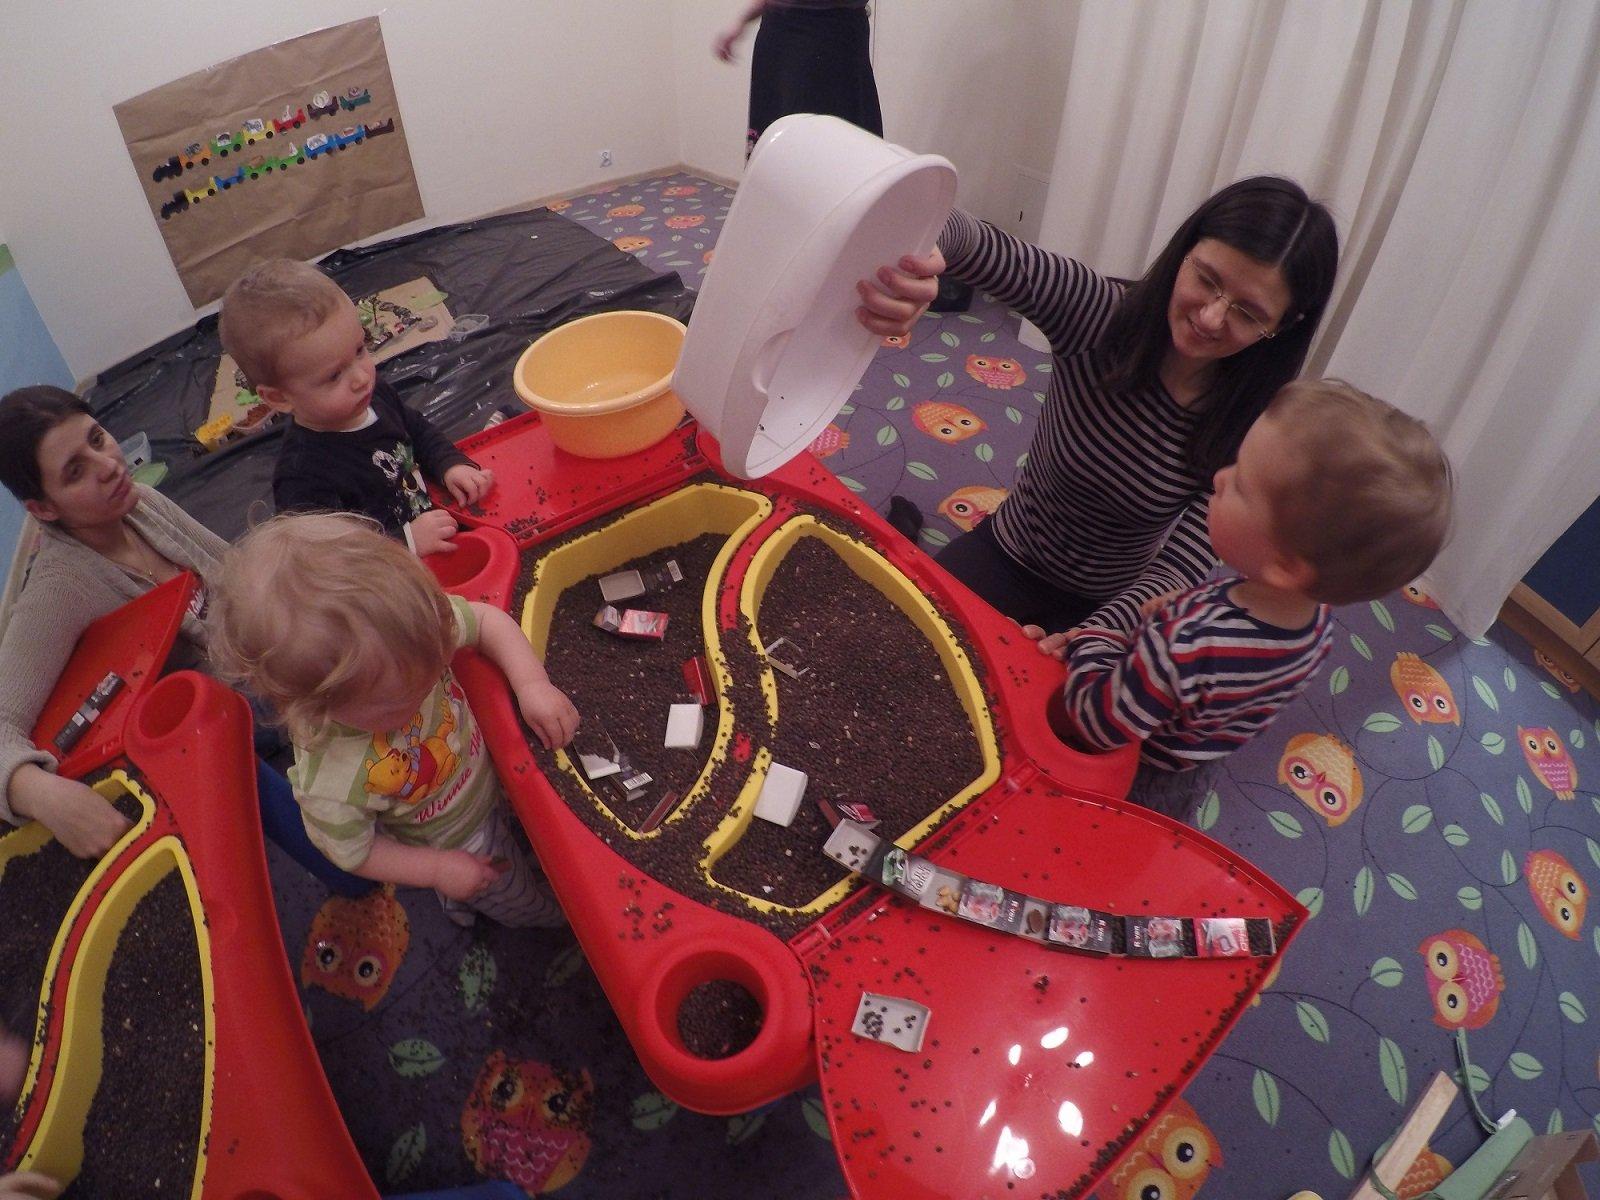 Sensoryka zajęcia ogólnorozwojowe: dzieci 1,5-3 lat oraz 3-5 lat